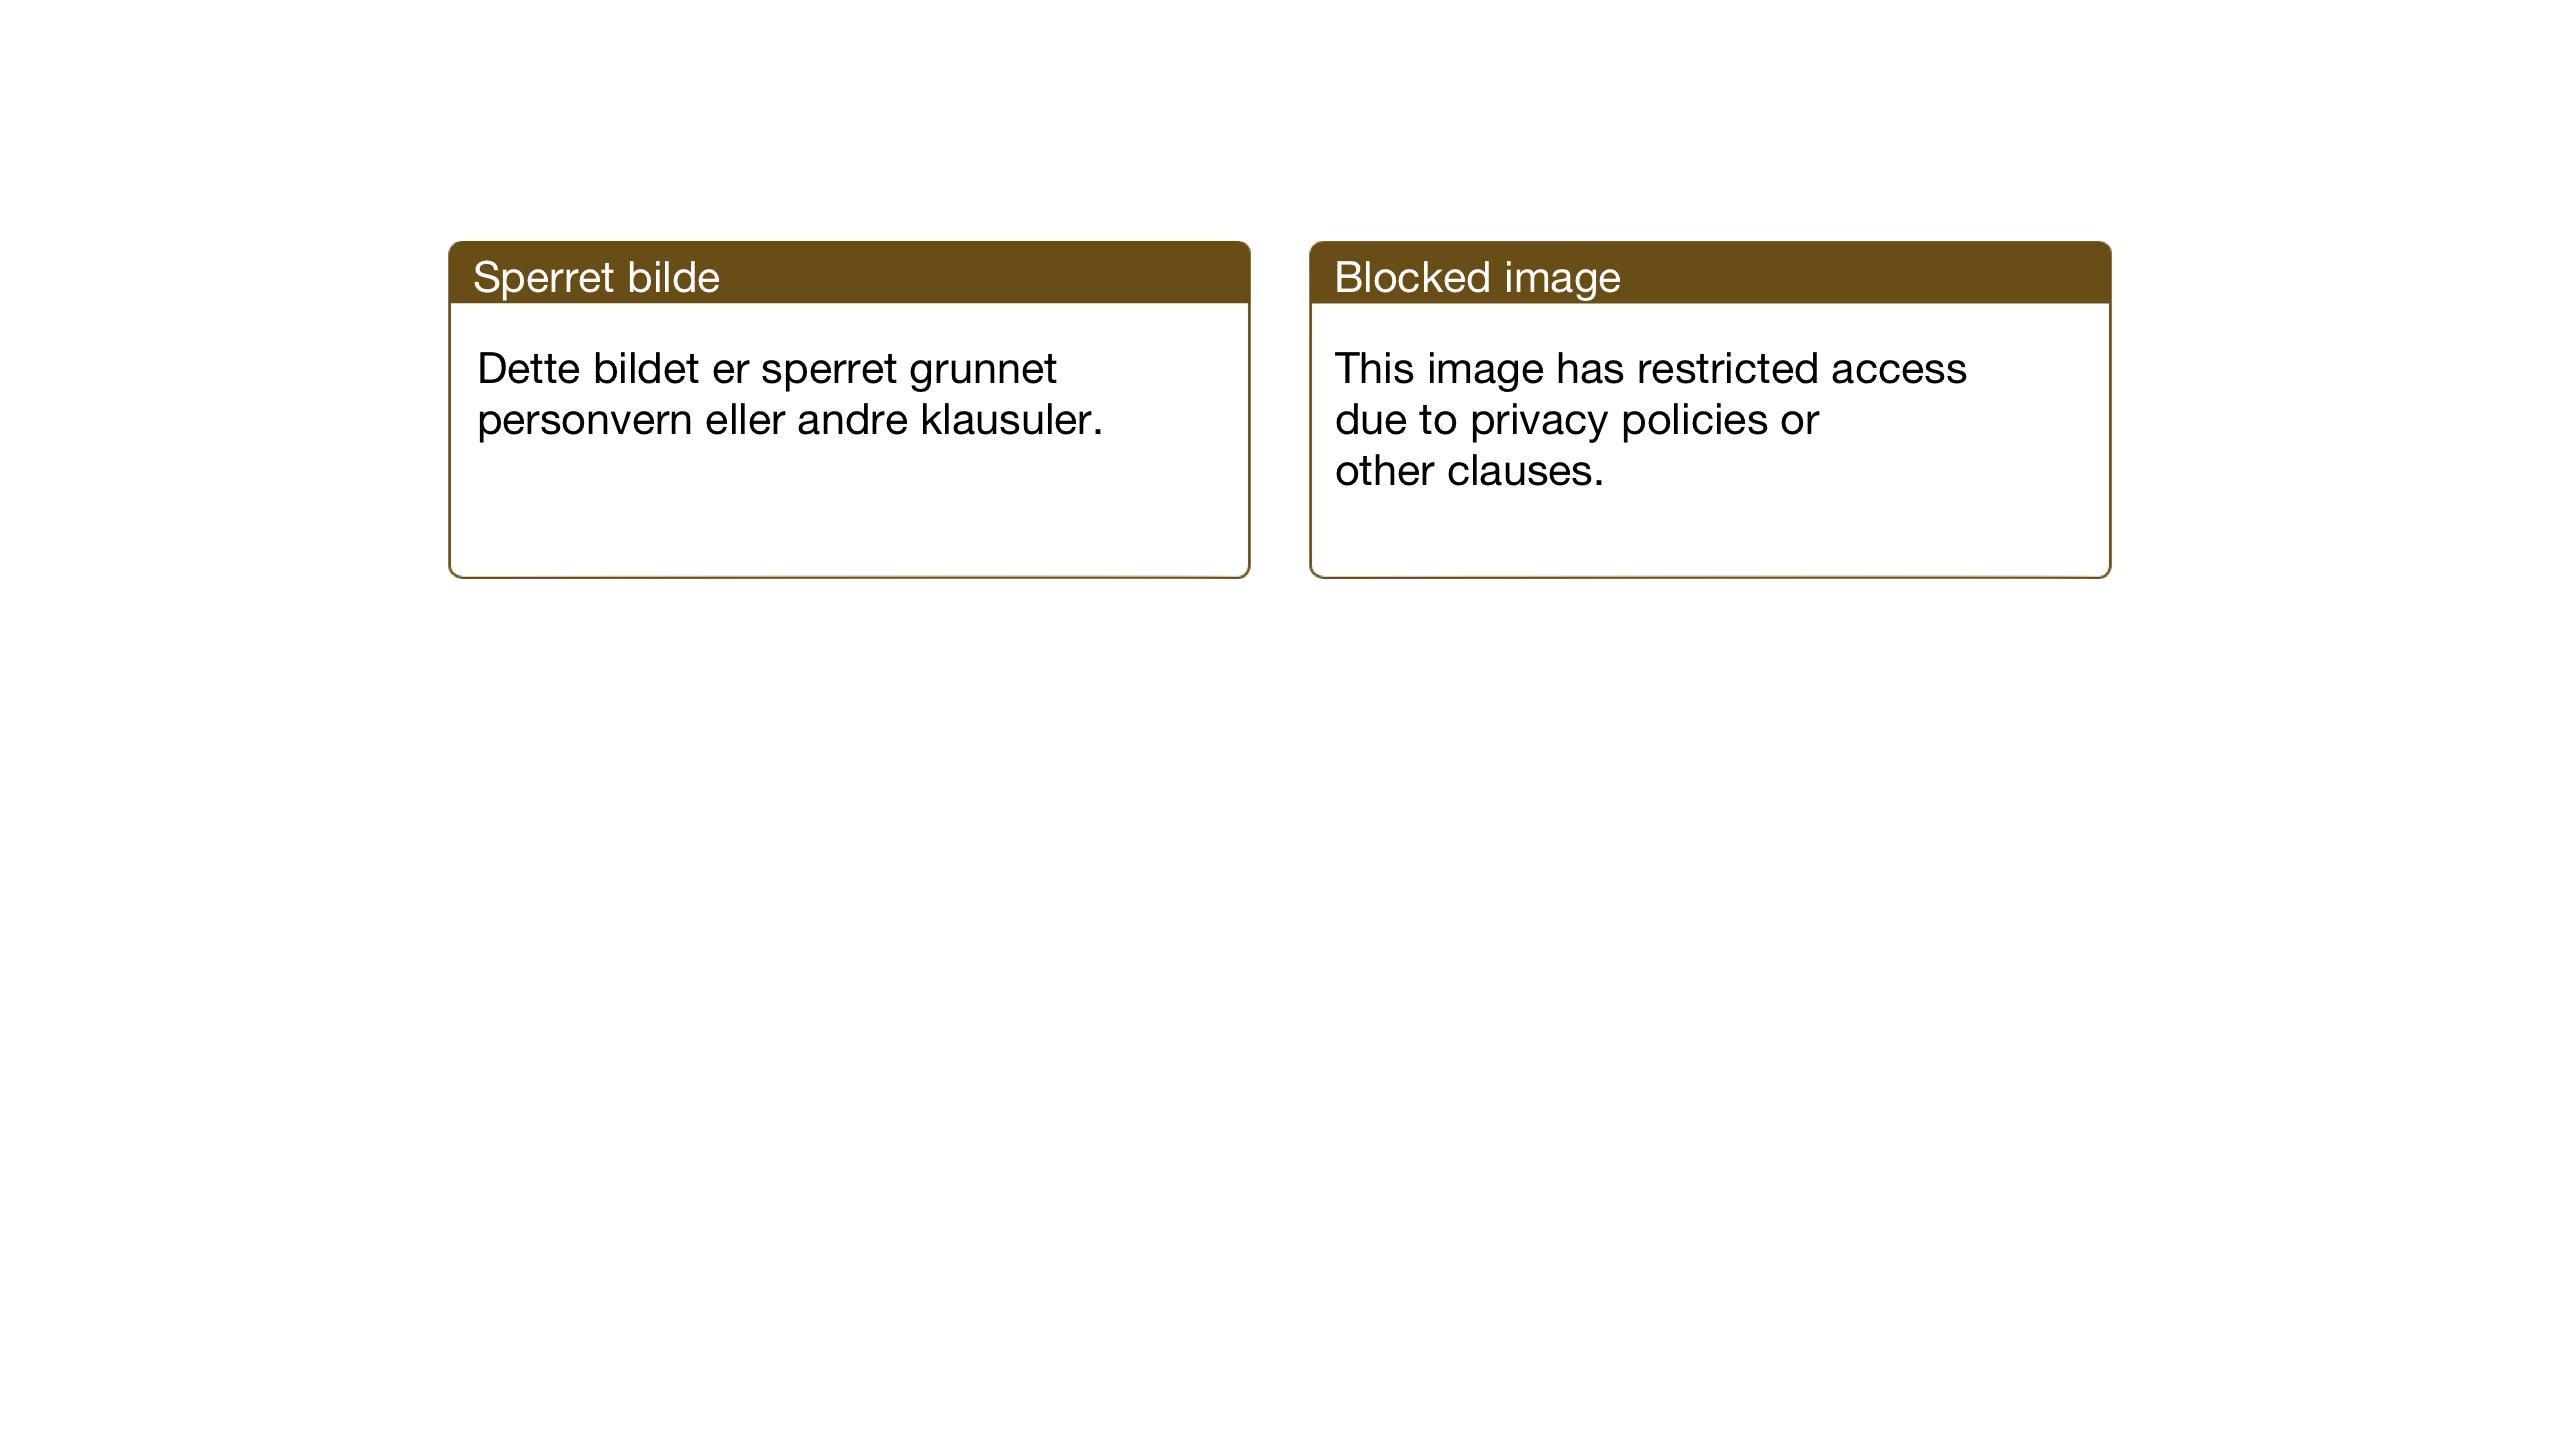 SAT, Ministerialprotokoller, klokkerbøker og fødselsregistre - Sør-Trøndelag, 681/L0944: Klokkerbok nr. 681C08, 1926-1954, s. 54